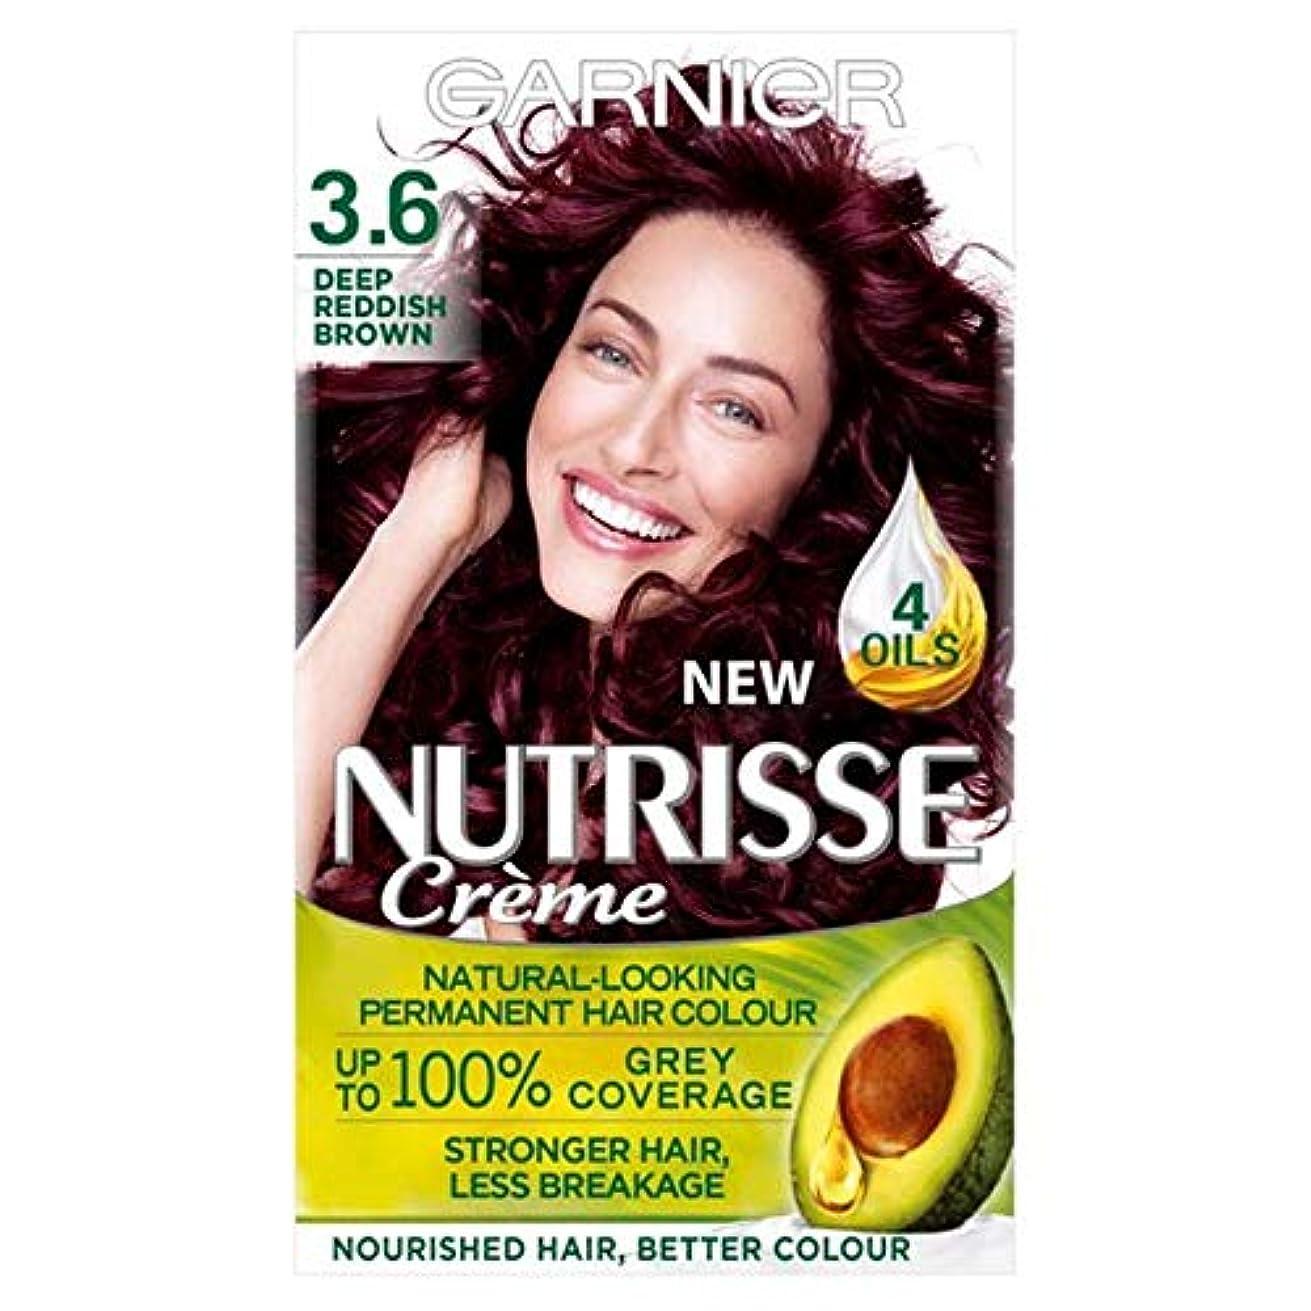 から聞く追い払う集中[Nutrisse] 3.6深い赤褐色の永久染毛剤Nutrisseガルニエ - Garnier Nutrisse 3.6 Deep Reddish Brown Permanent Hair Dye [並行輸入品]